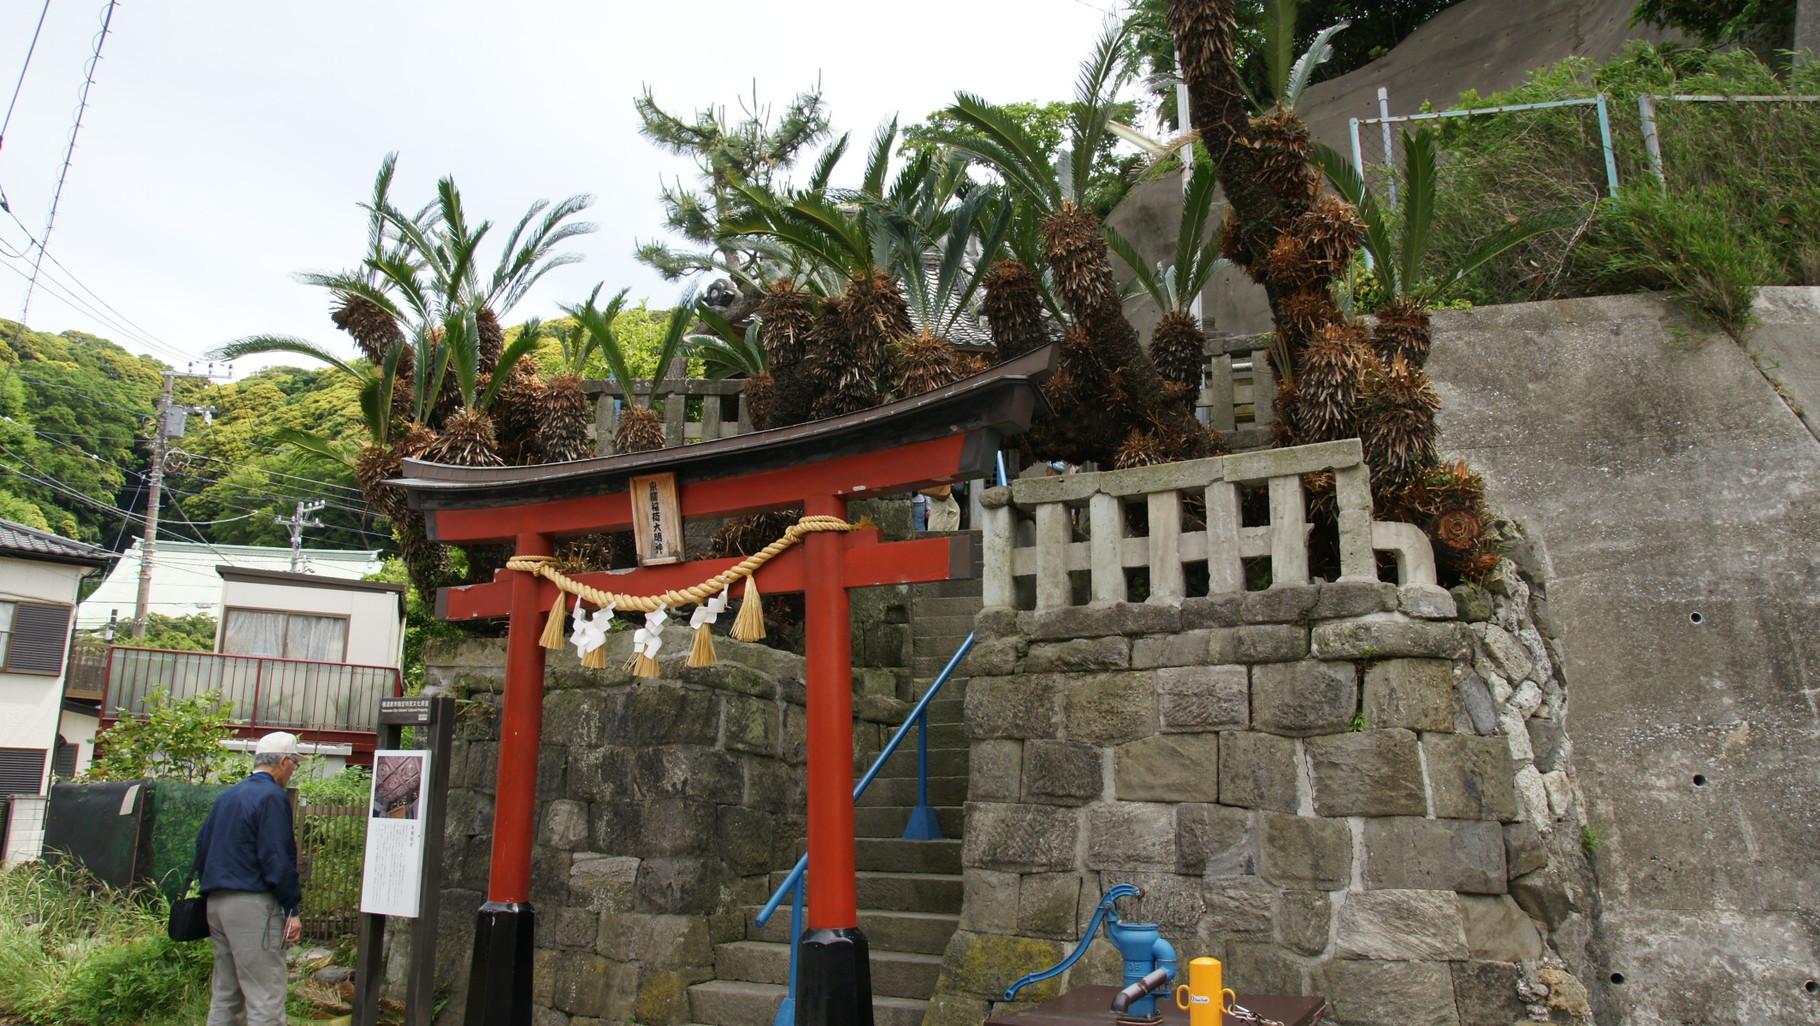 浦賀で最も贅沢に作られている稲荷